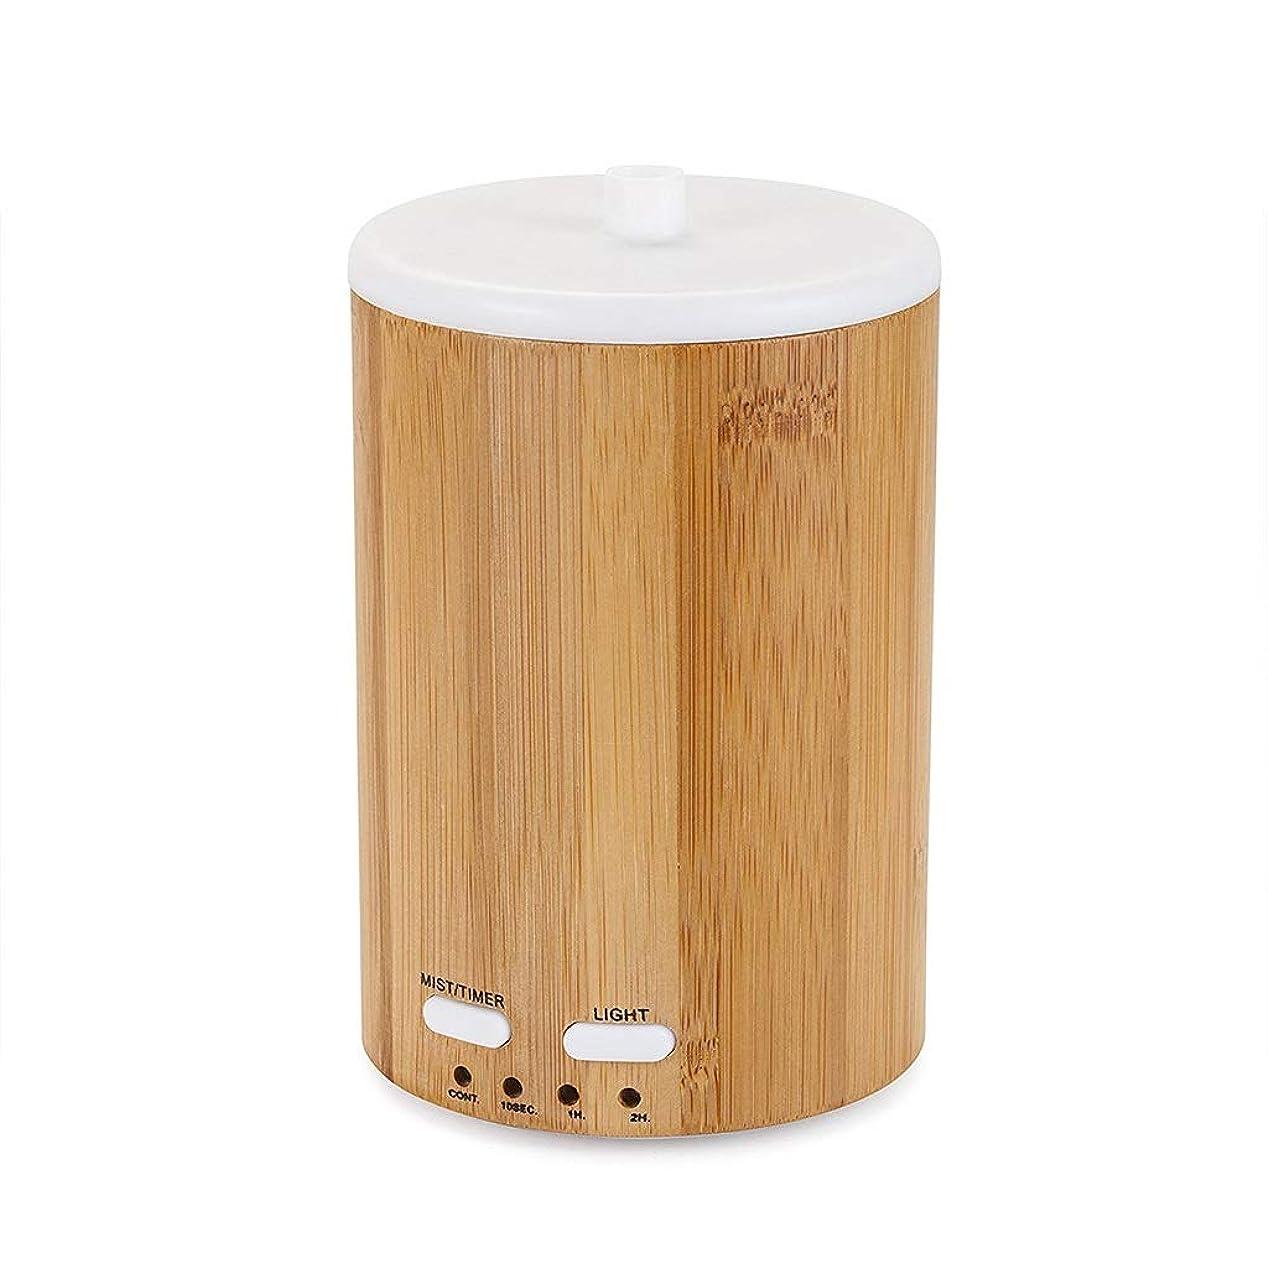 奨学金法的倫理的アップグレードされたリアル竹ディフューザー超音波ディフューザークールミスト加湿器断続的な連続ミスト2作業モードウォーターレスオートオフ7色LEDライト (Color : Bamboo)